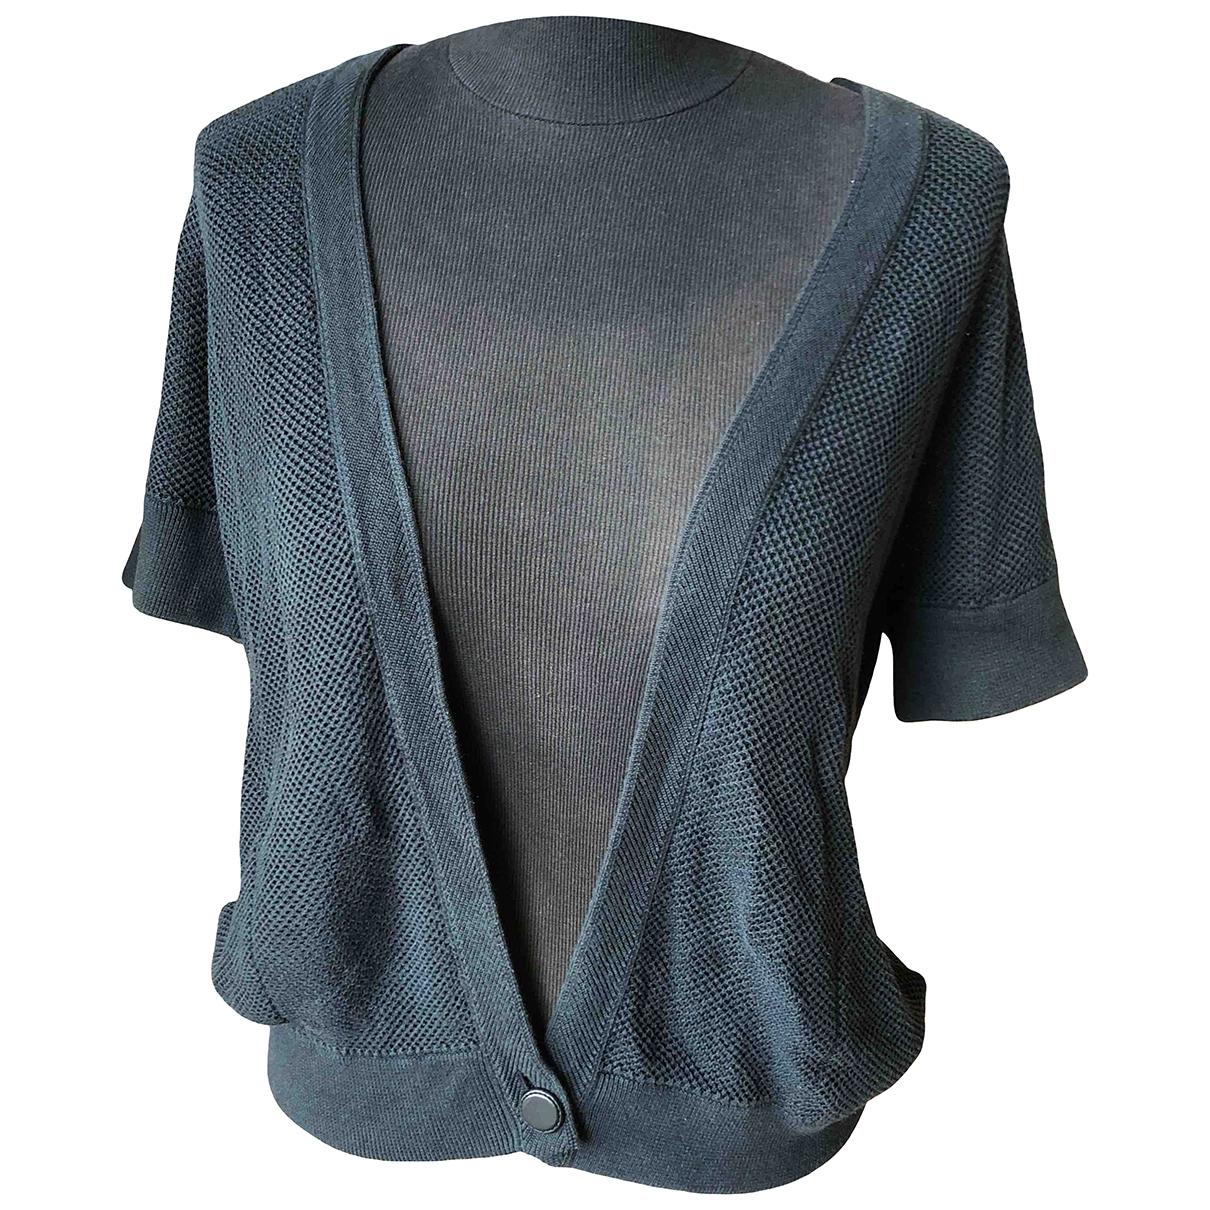 Hermes - Pull   pour femme en coton - anthracite